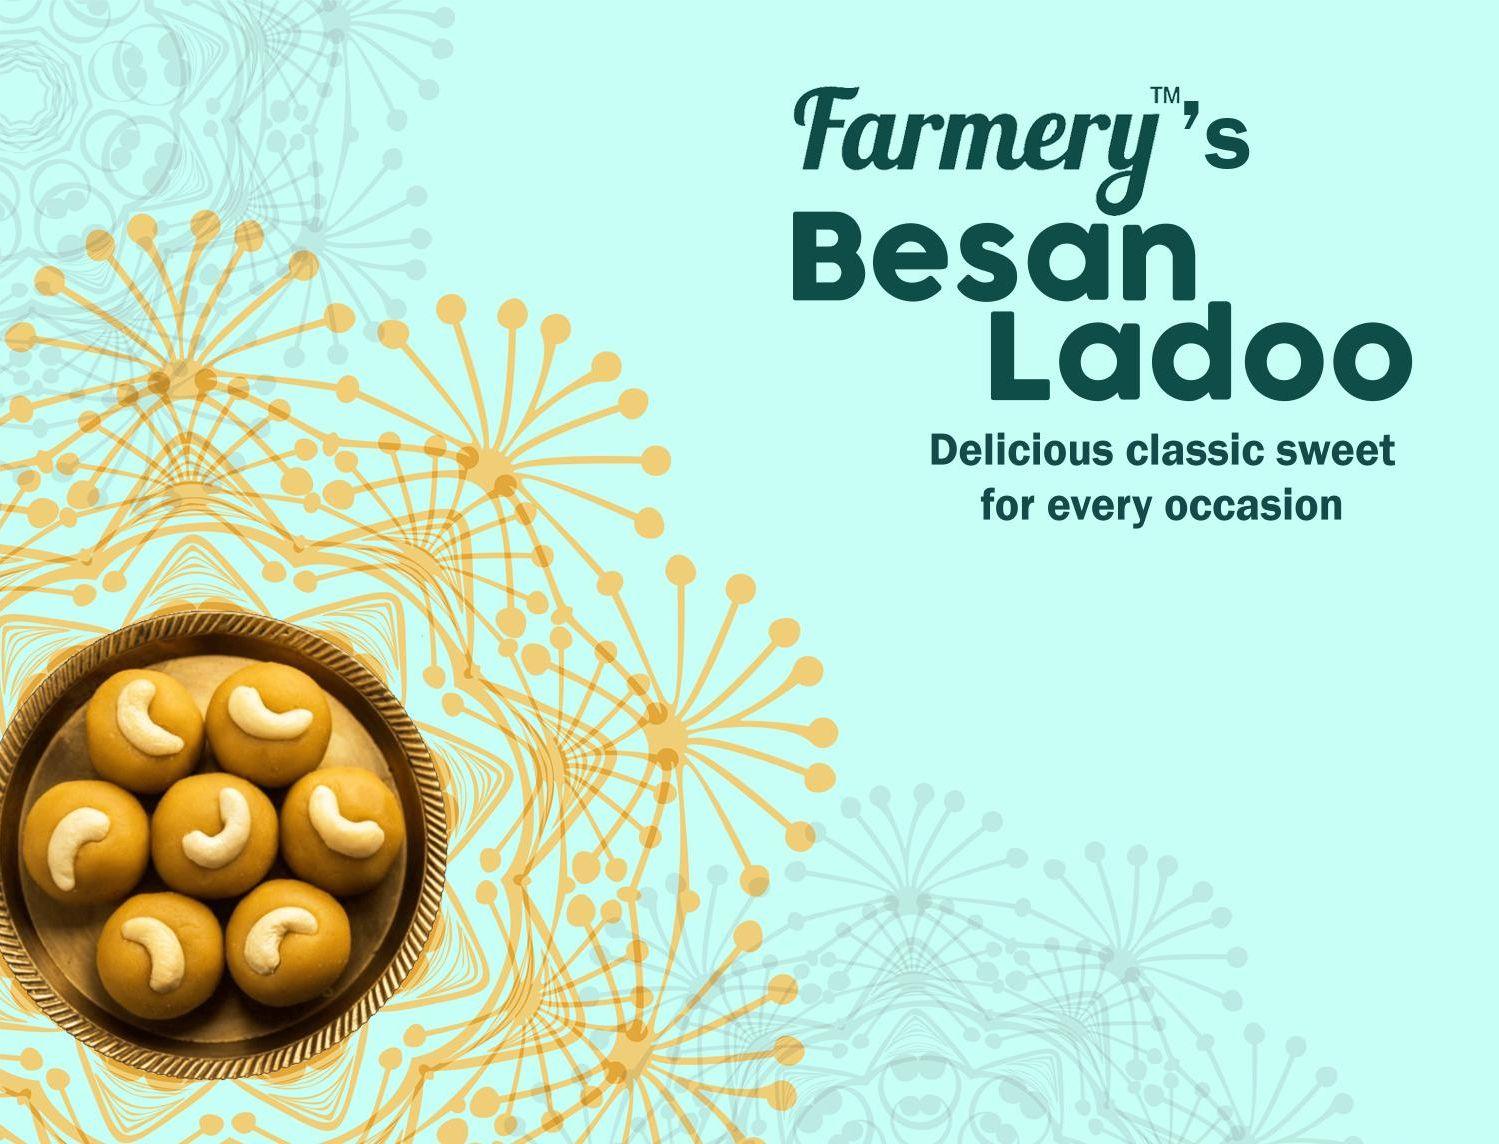 Farmery Besan Ladoo